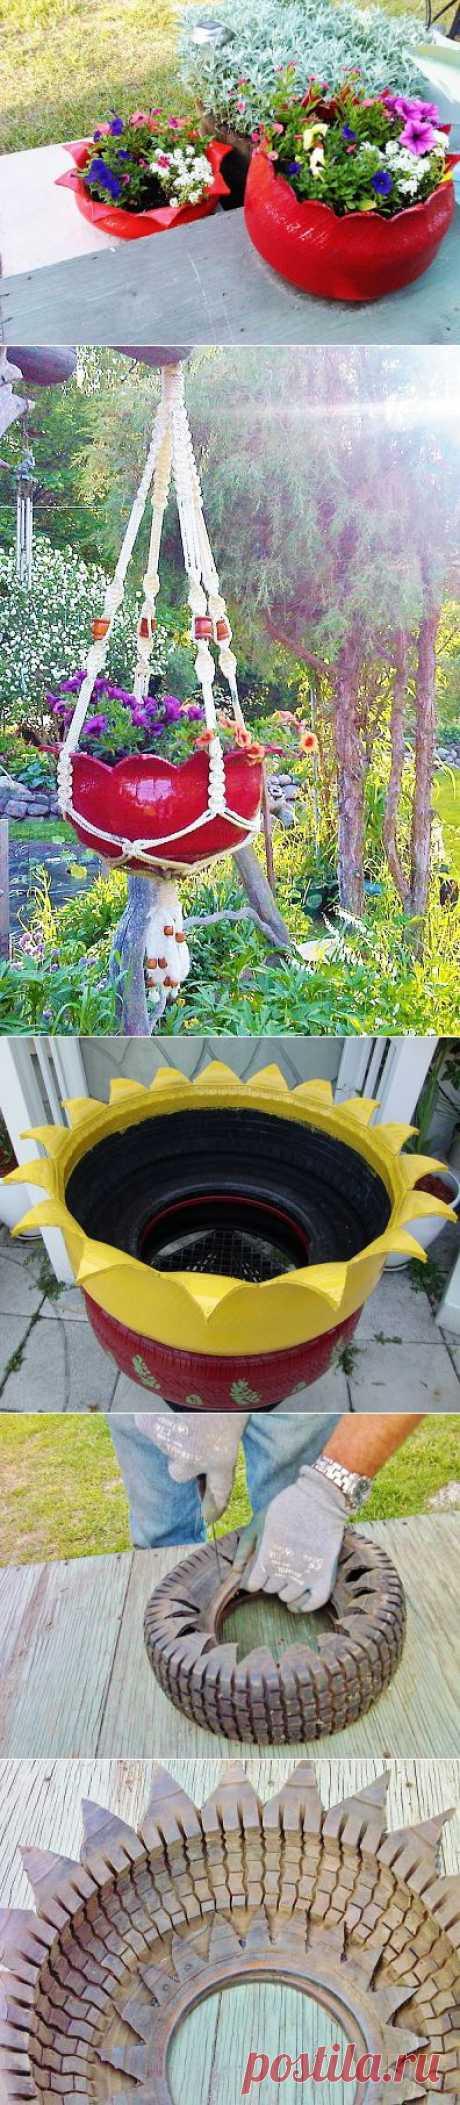 Цветочная клумба из старой шины - неожиданный поворот | Ladiesvenue